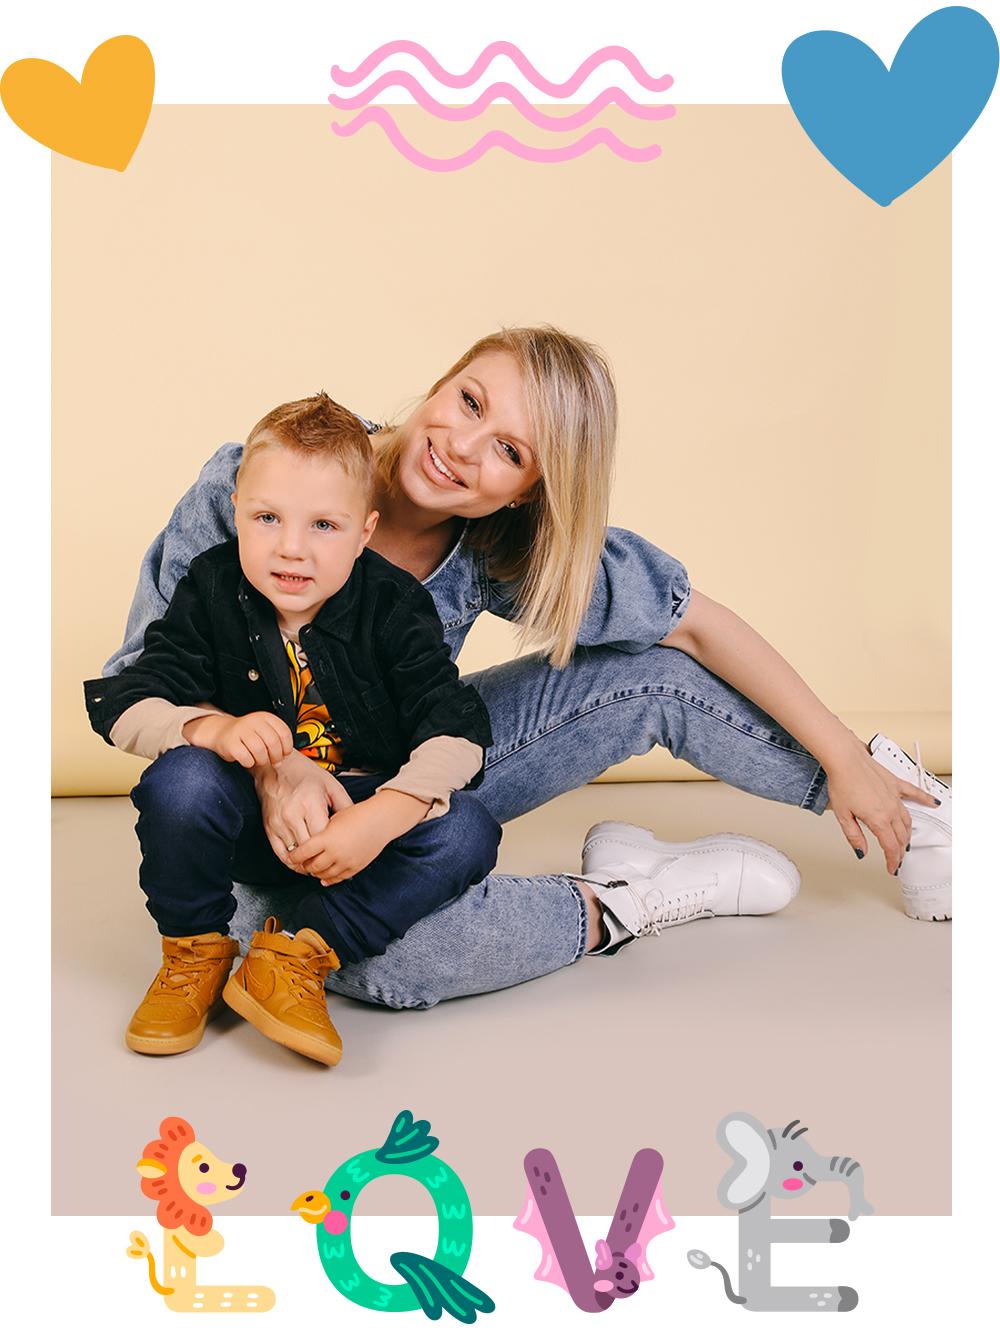 LINDEX KIDS 5 Moda za decu: 5 razloga zašto biramo brend Lindex za naše mališane